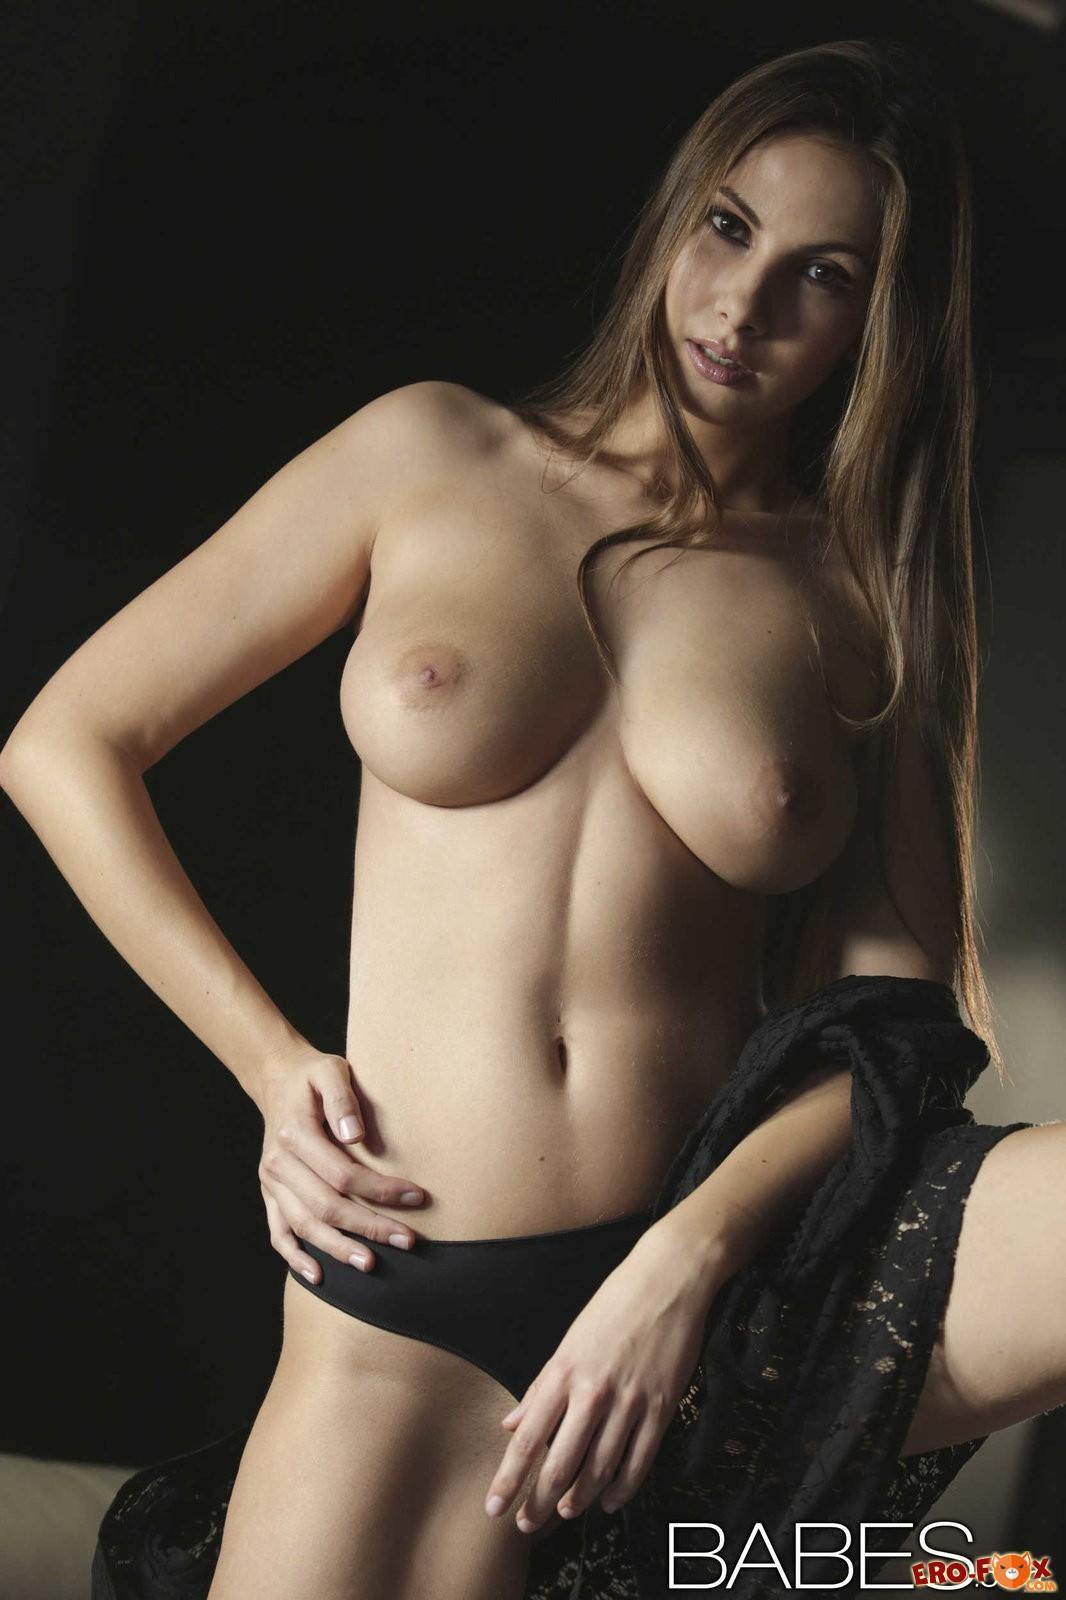 Красиавя голая попа на кровати  голой девушки.